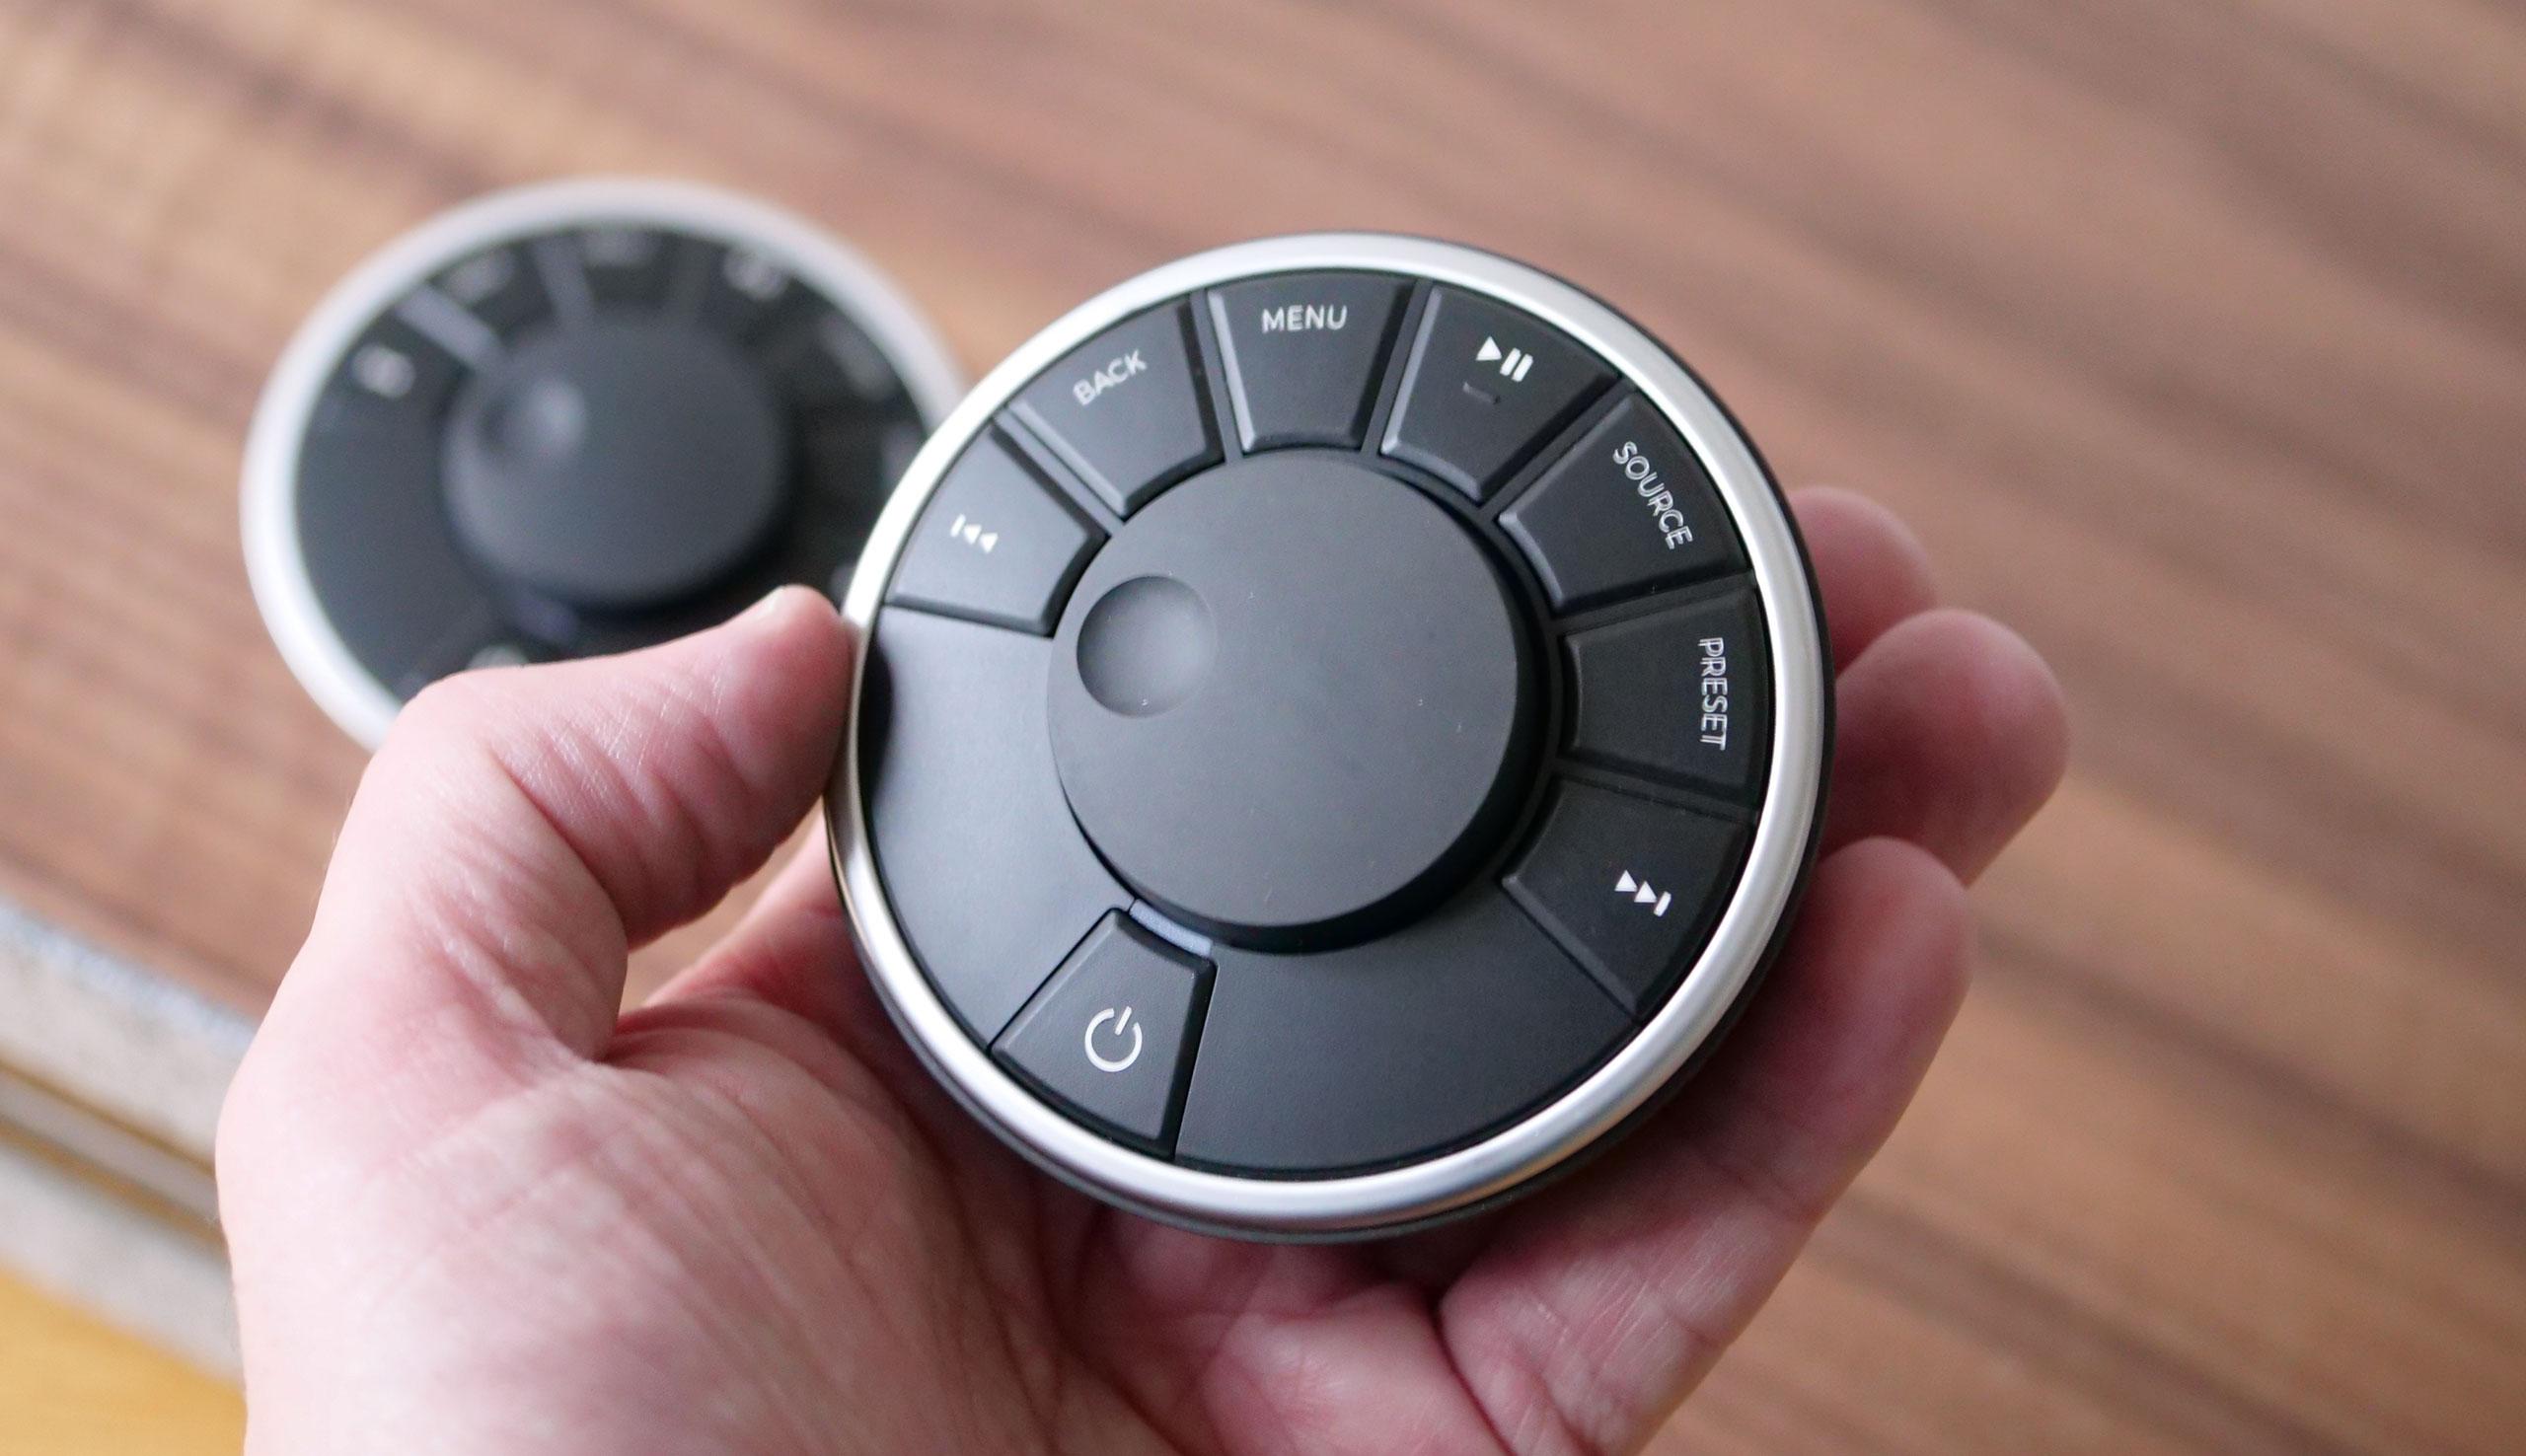 La télécommande reprend l'organisation des touches de la mini-chaîne à l'identique.